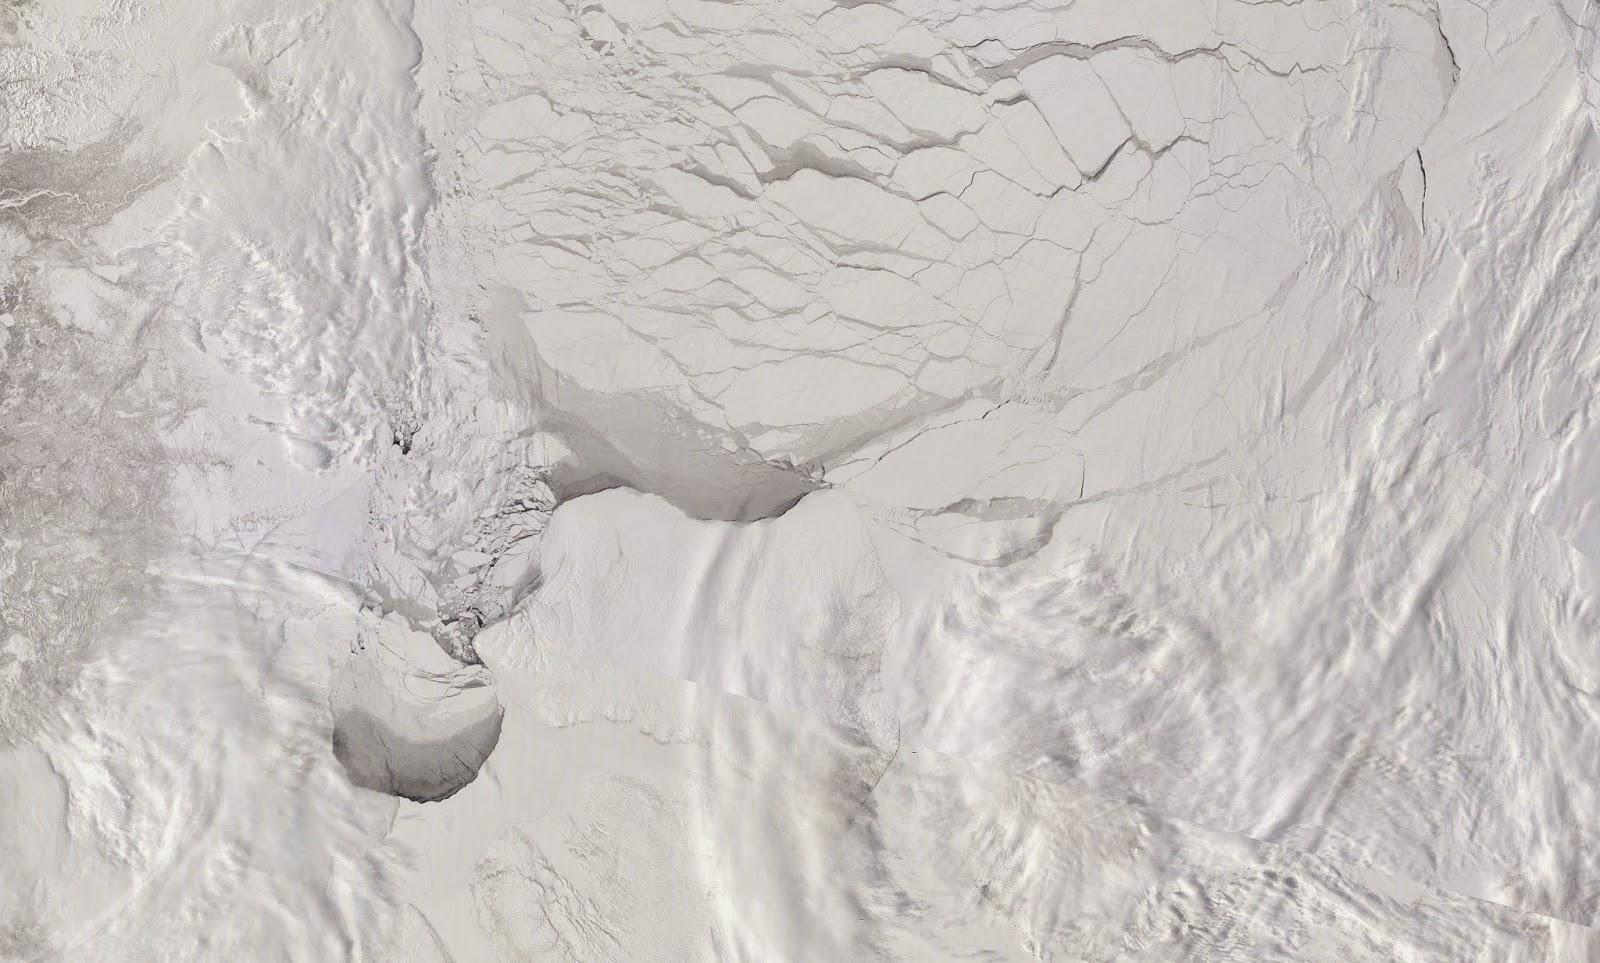 Morze Beauforta